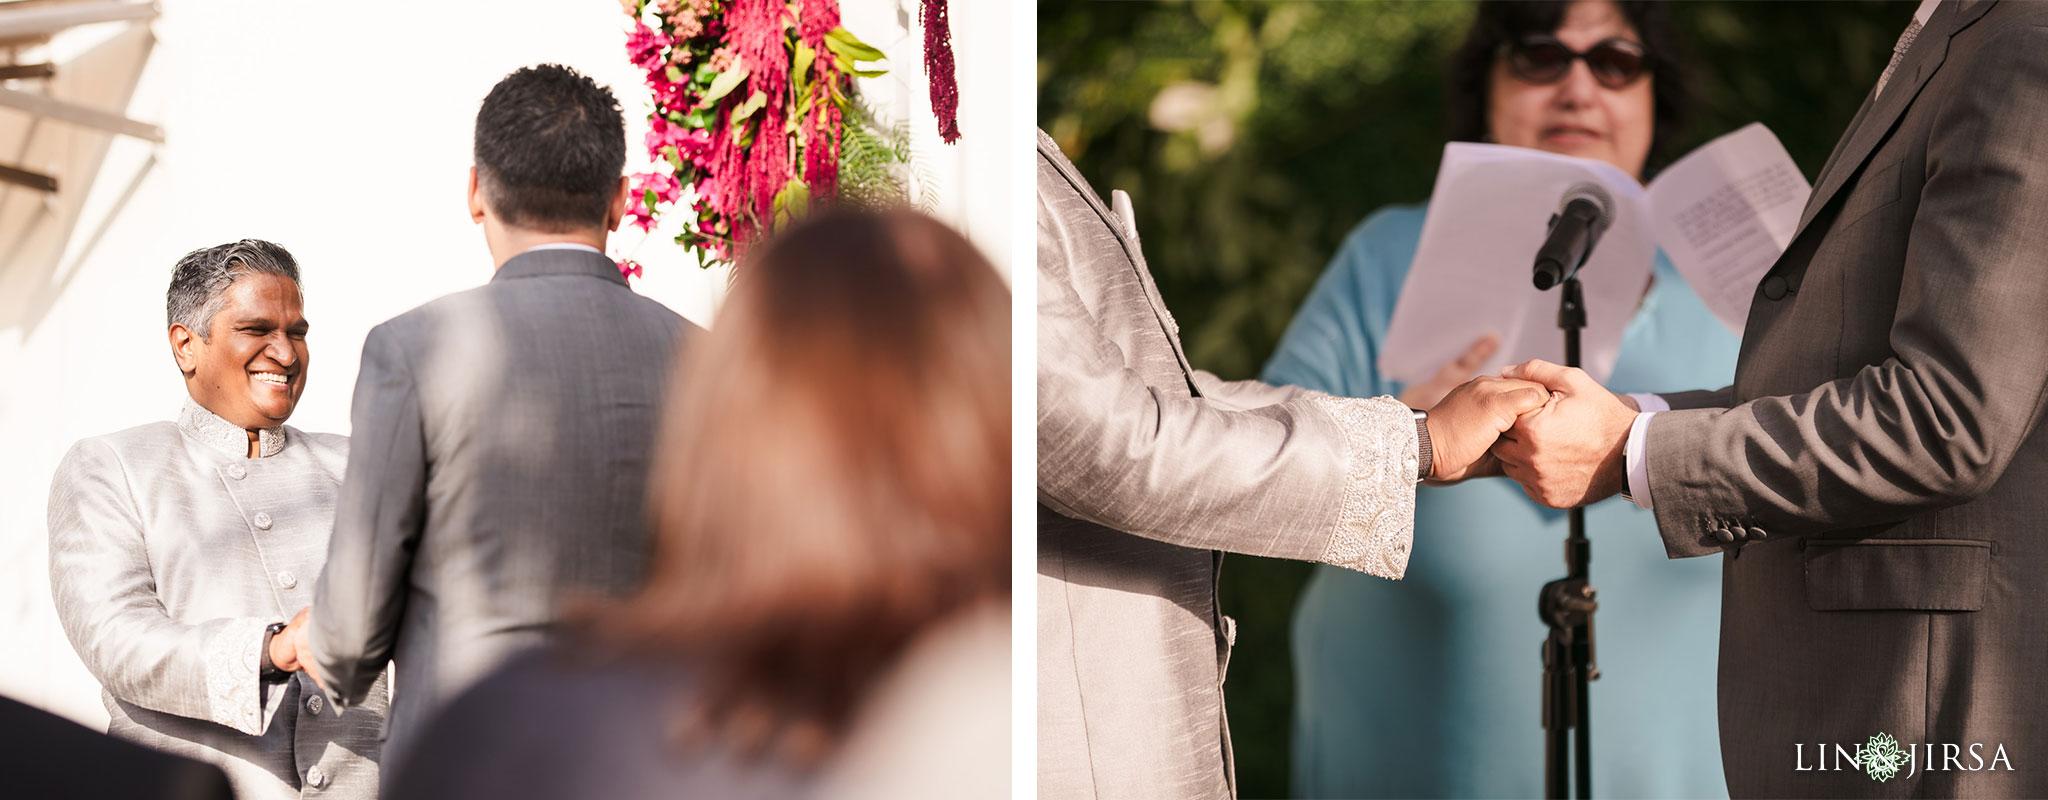 16 seven degrees laguna beach gay wedding photography